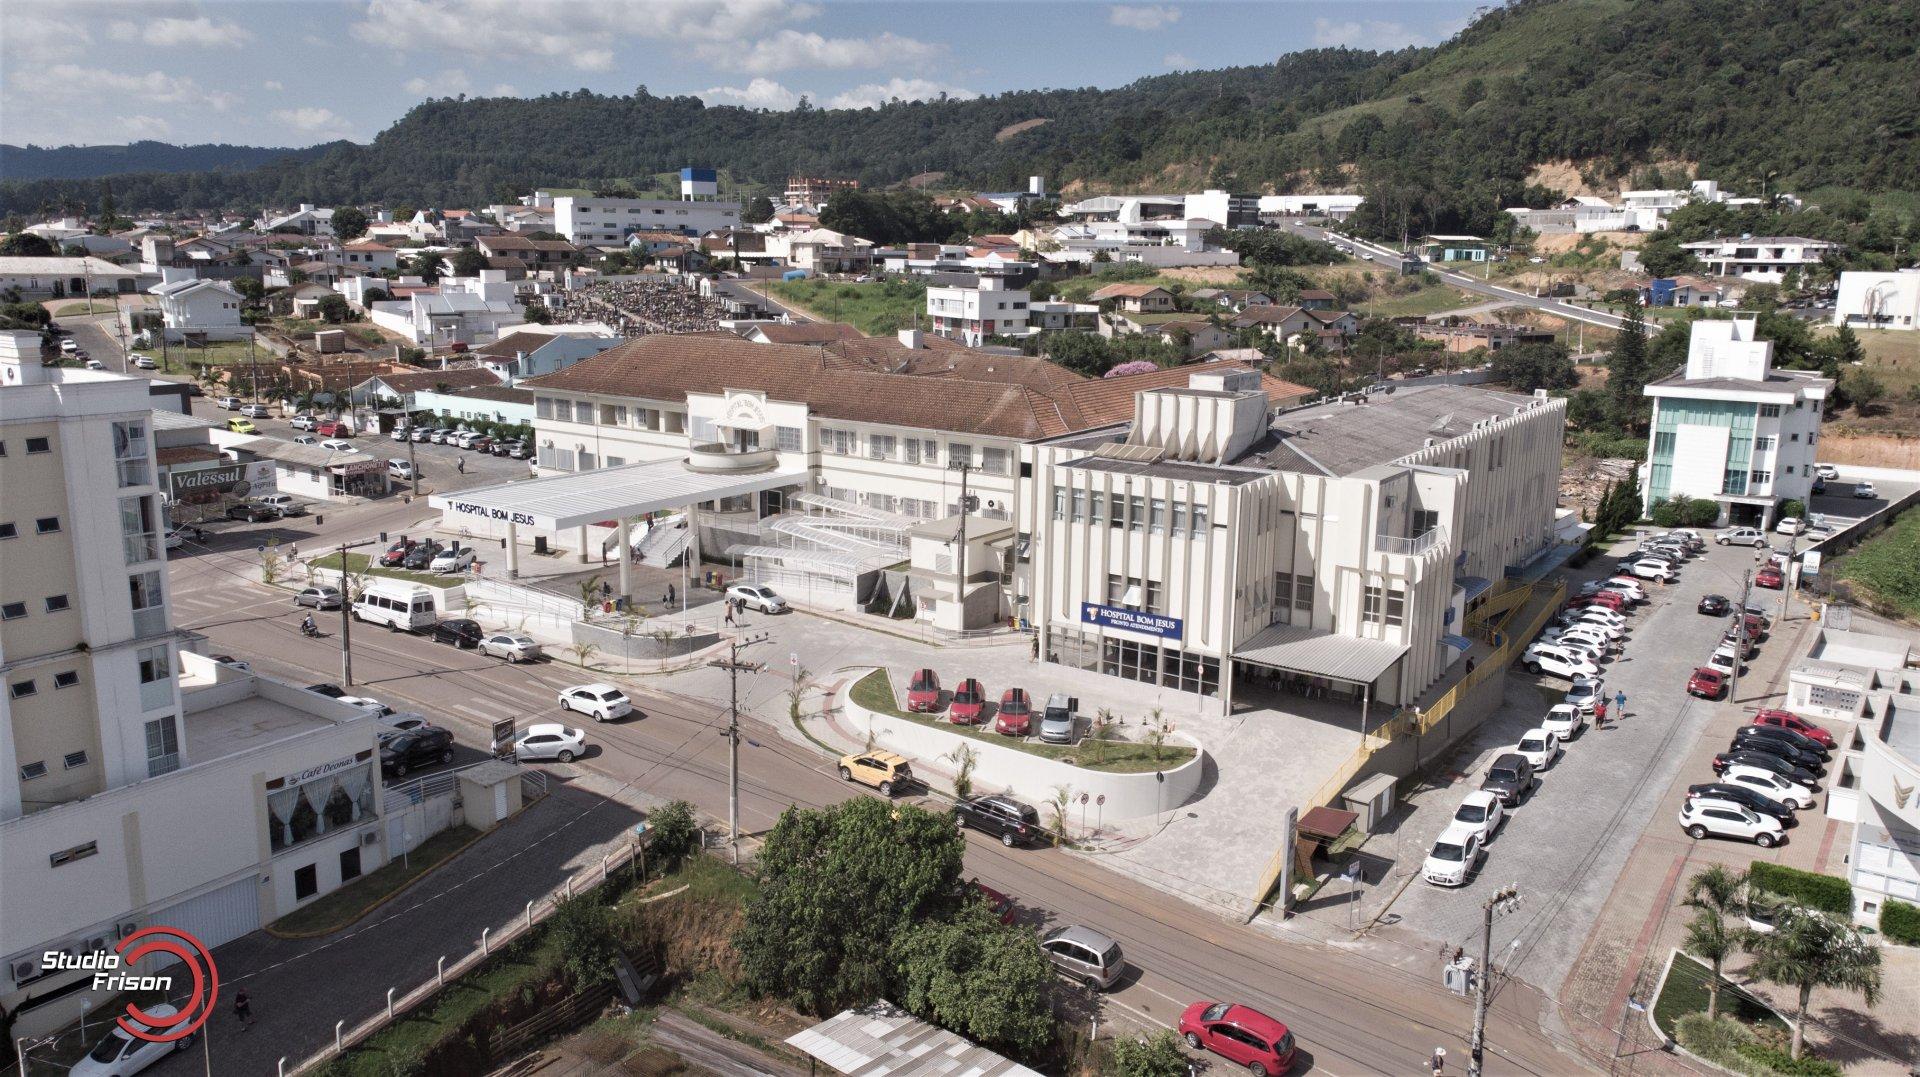 HOSPITAL BOM JESUS 85 ANOS: Entidade localizada em Ituporanga passou por reformas e ampliações e já tem novos projetos no papel